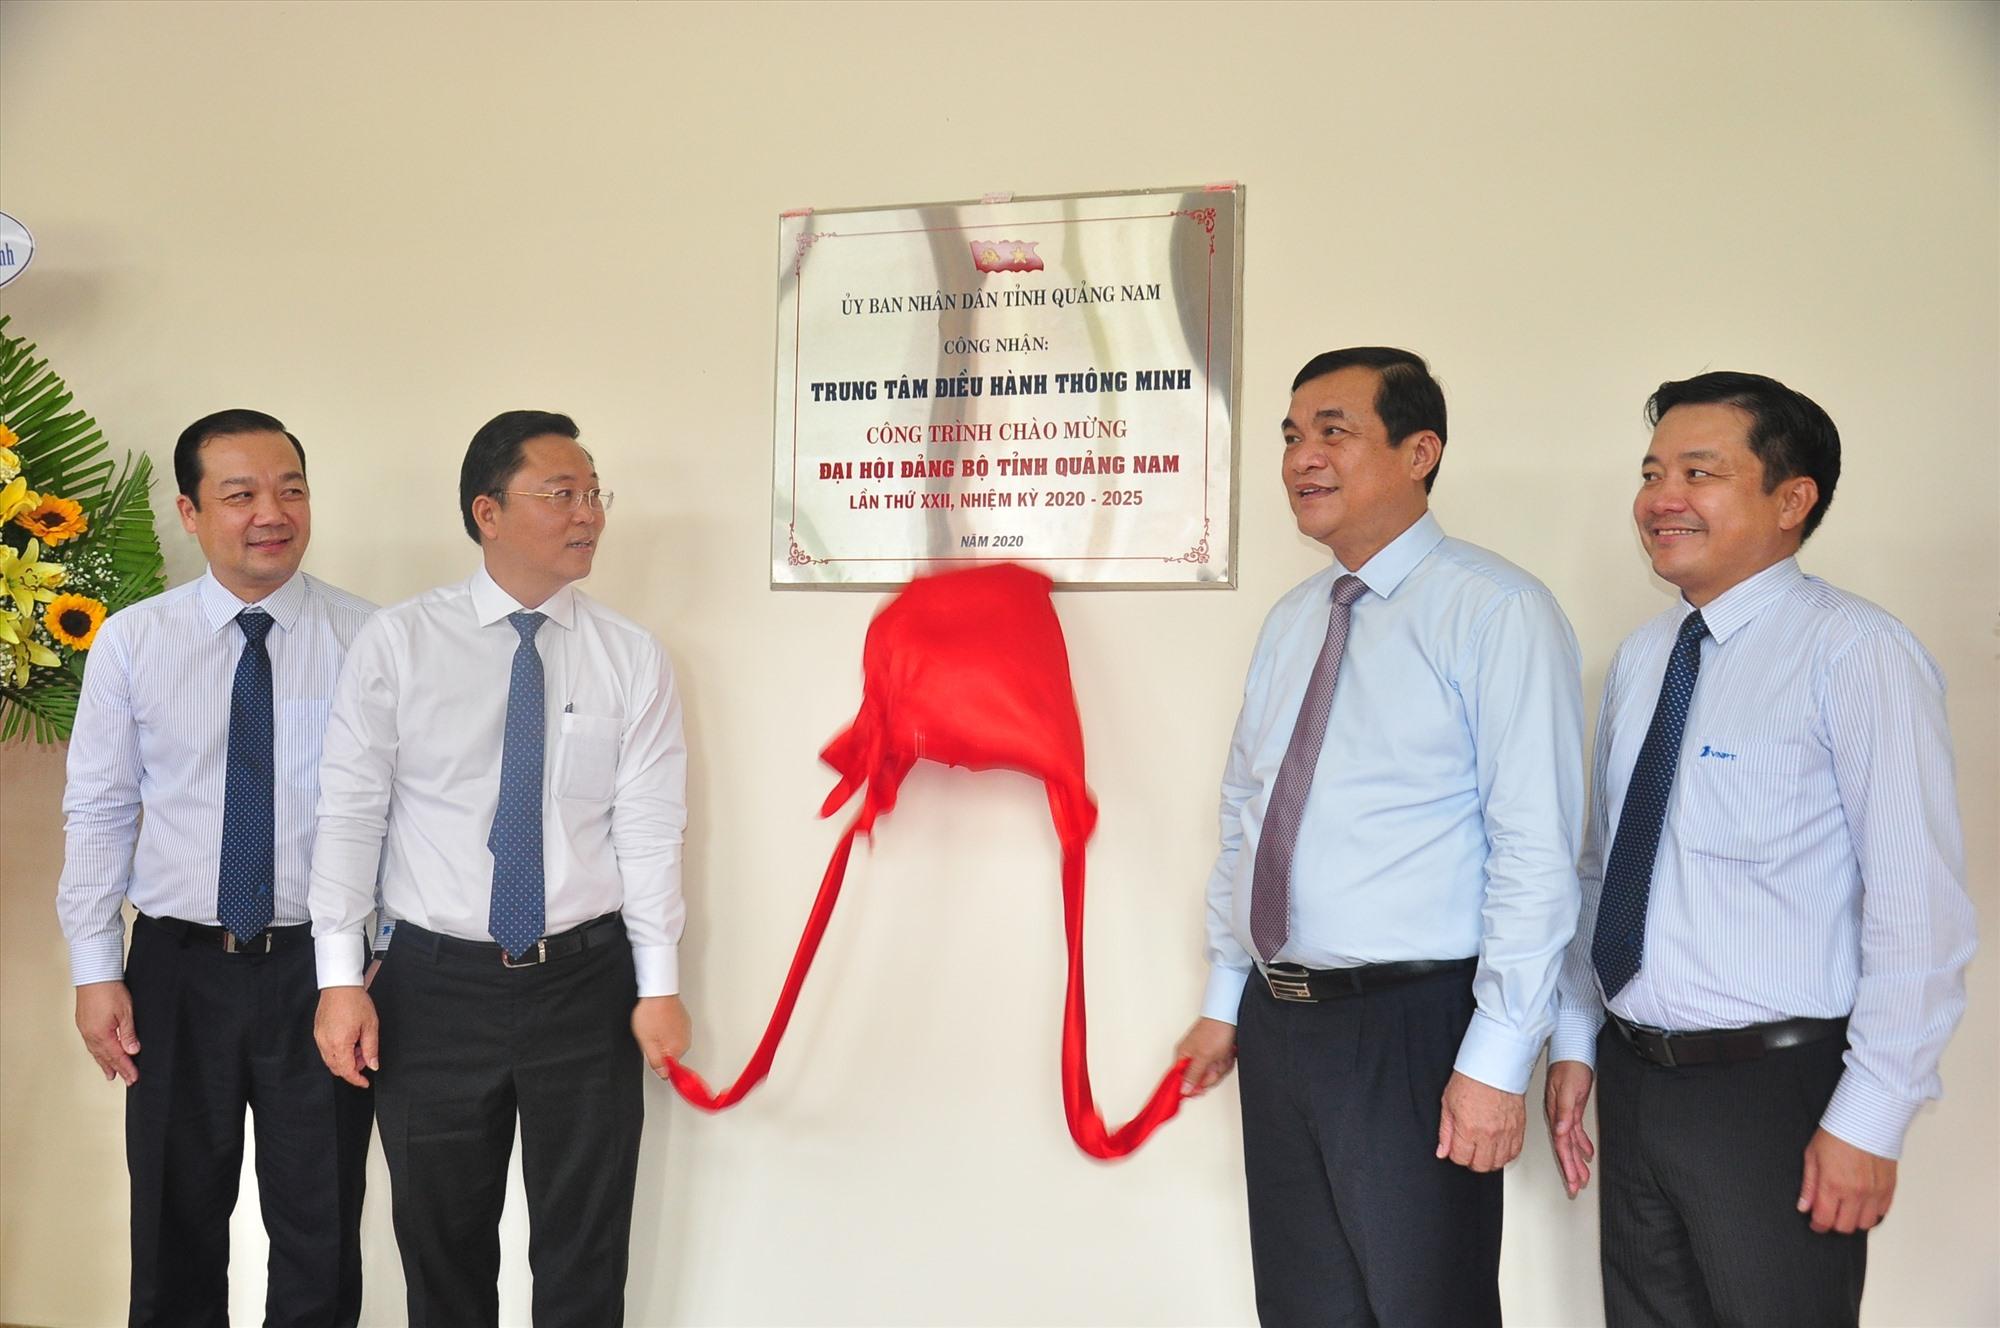 Trung tâm IOC Quảng Nam là một trong những công trình chào mừng Đại hội Đại biểu Đảng bộ tỉnh lần thứ XXII (nhiệm kỳ 2020 - 2025). Ảnh: VINH ANH